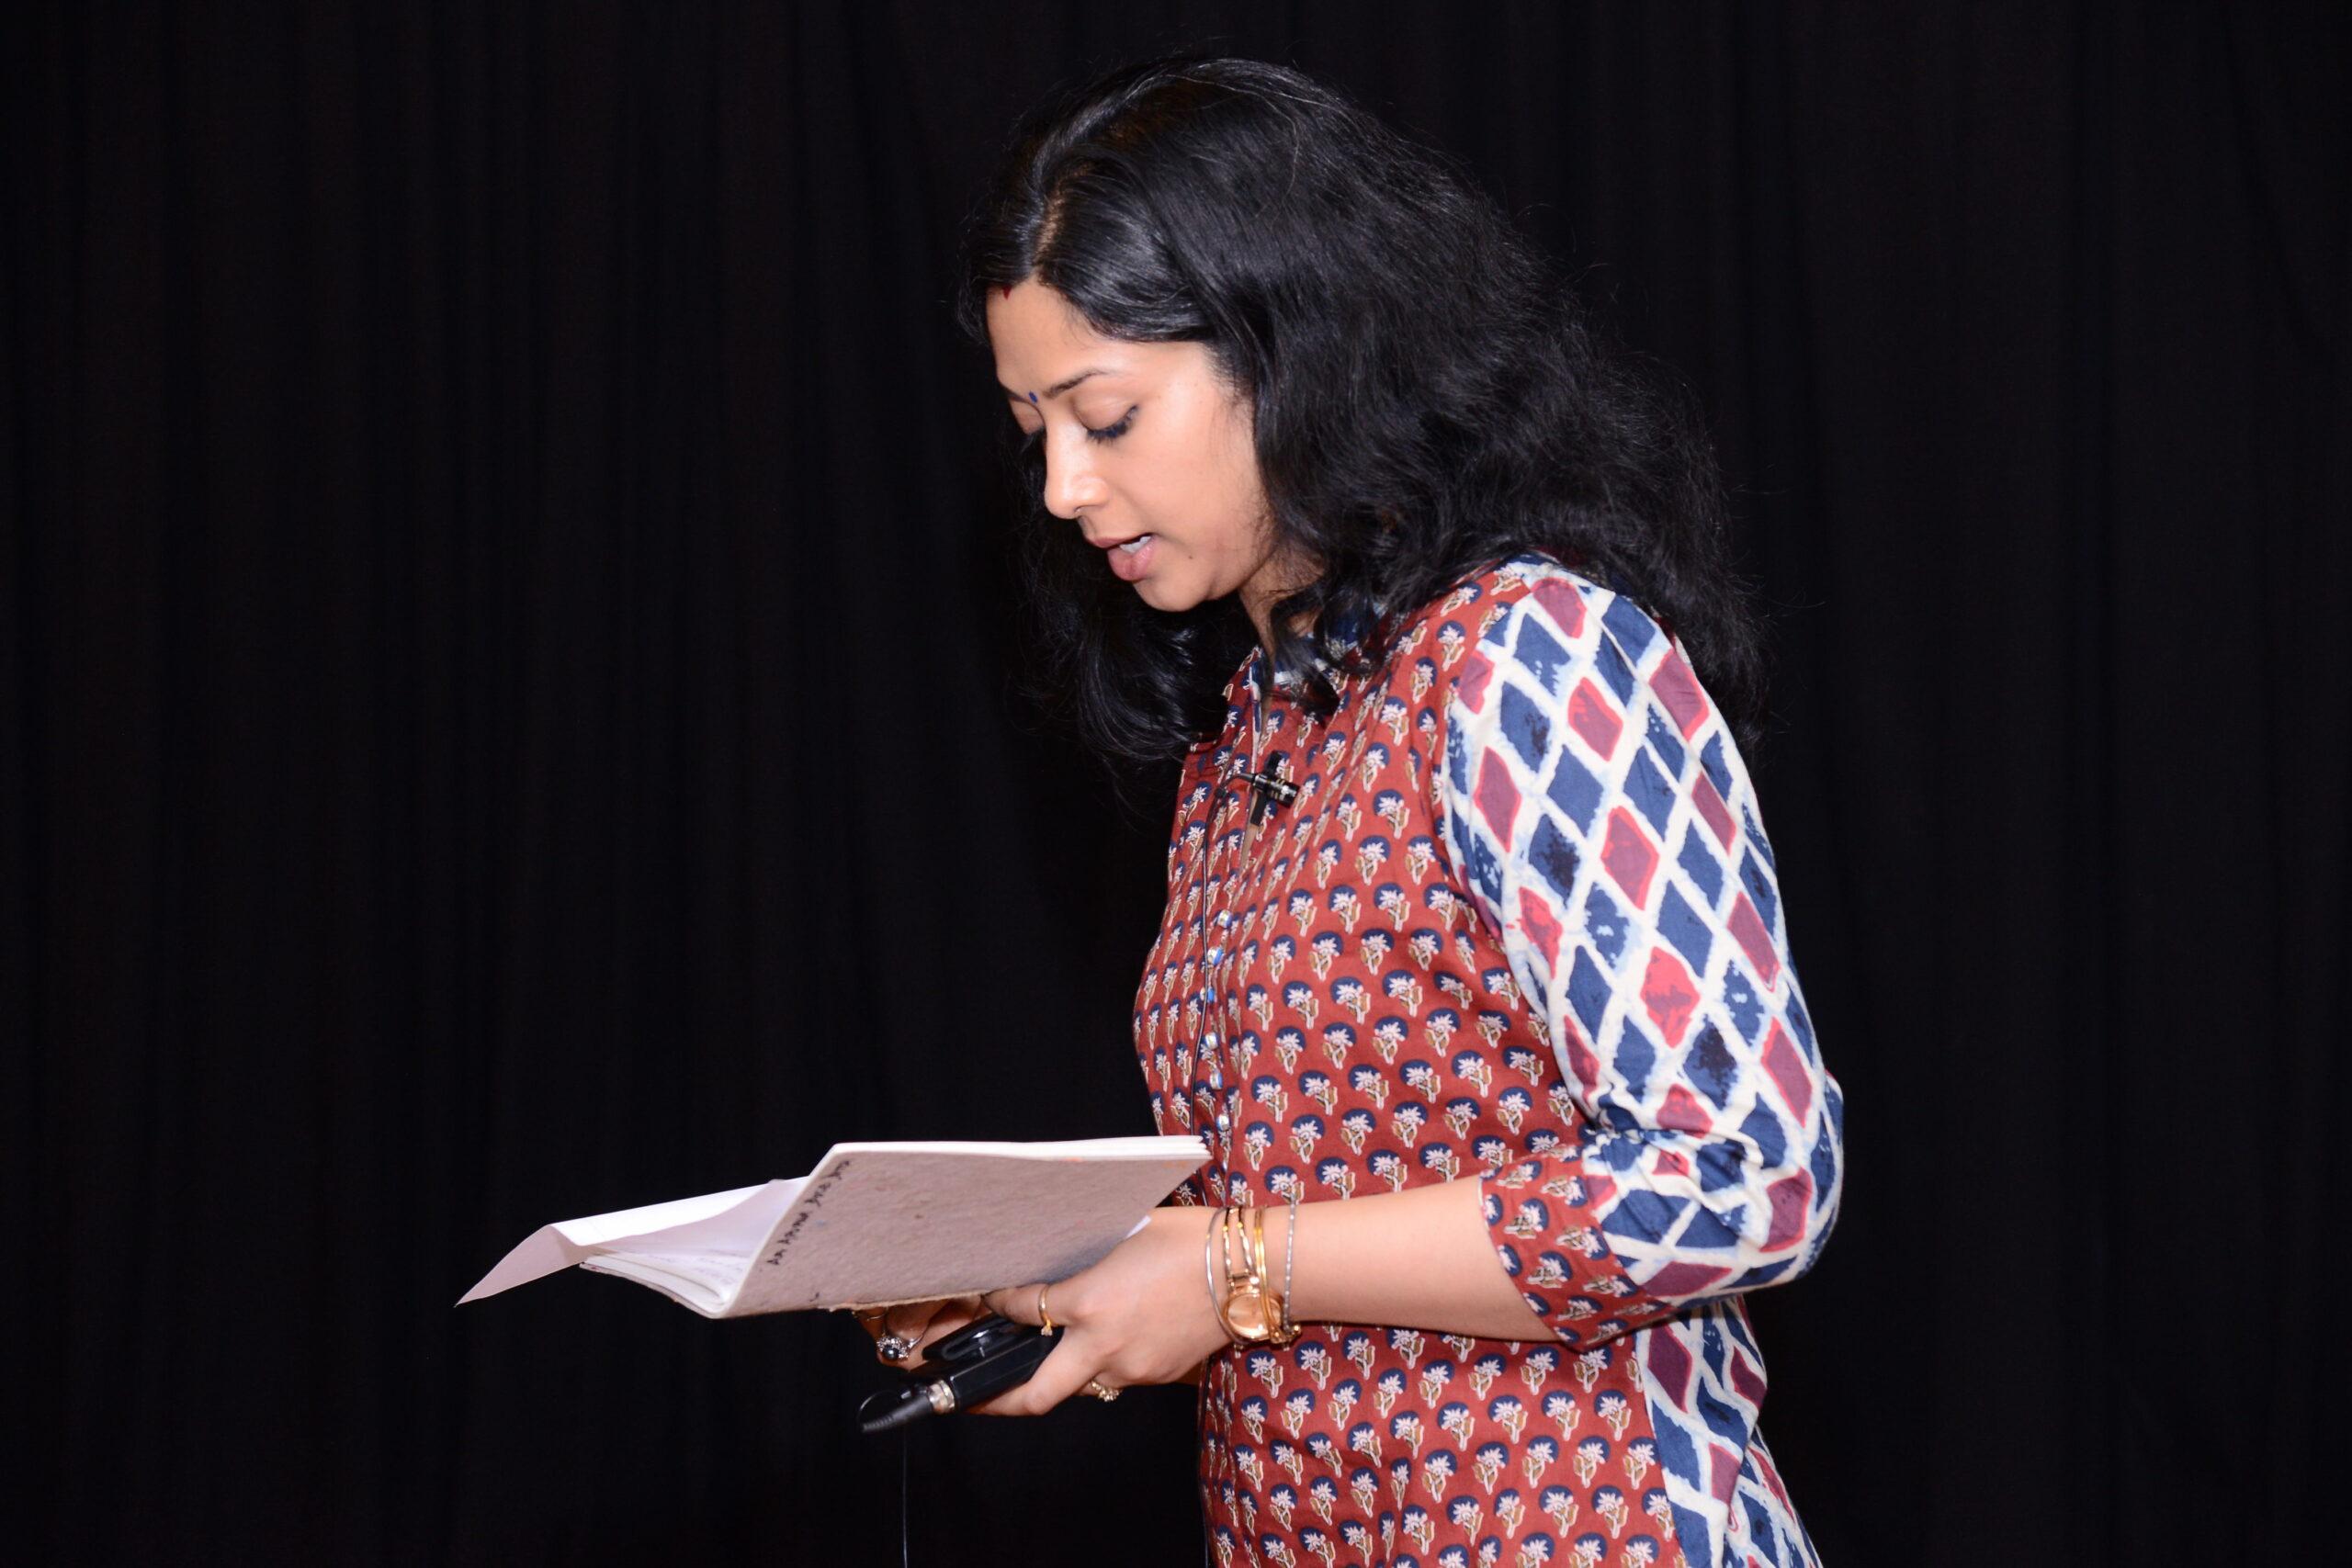 Apurva Bose Dutta